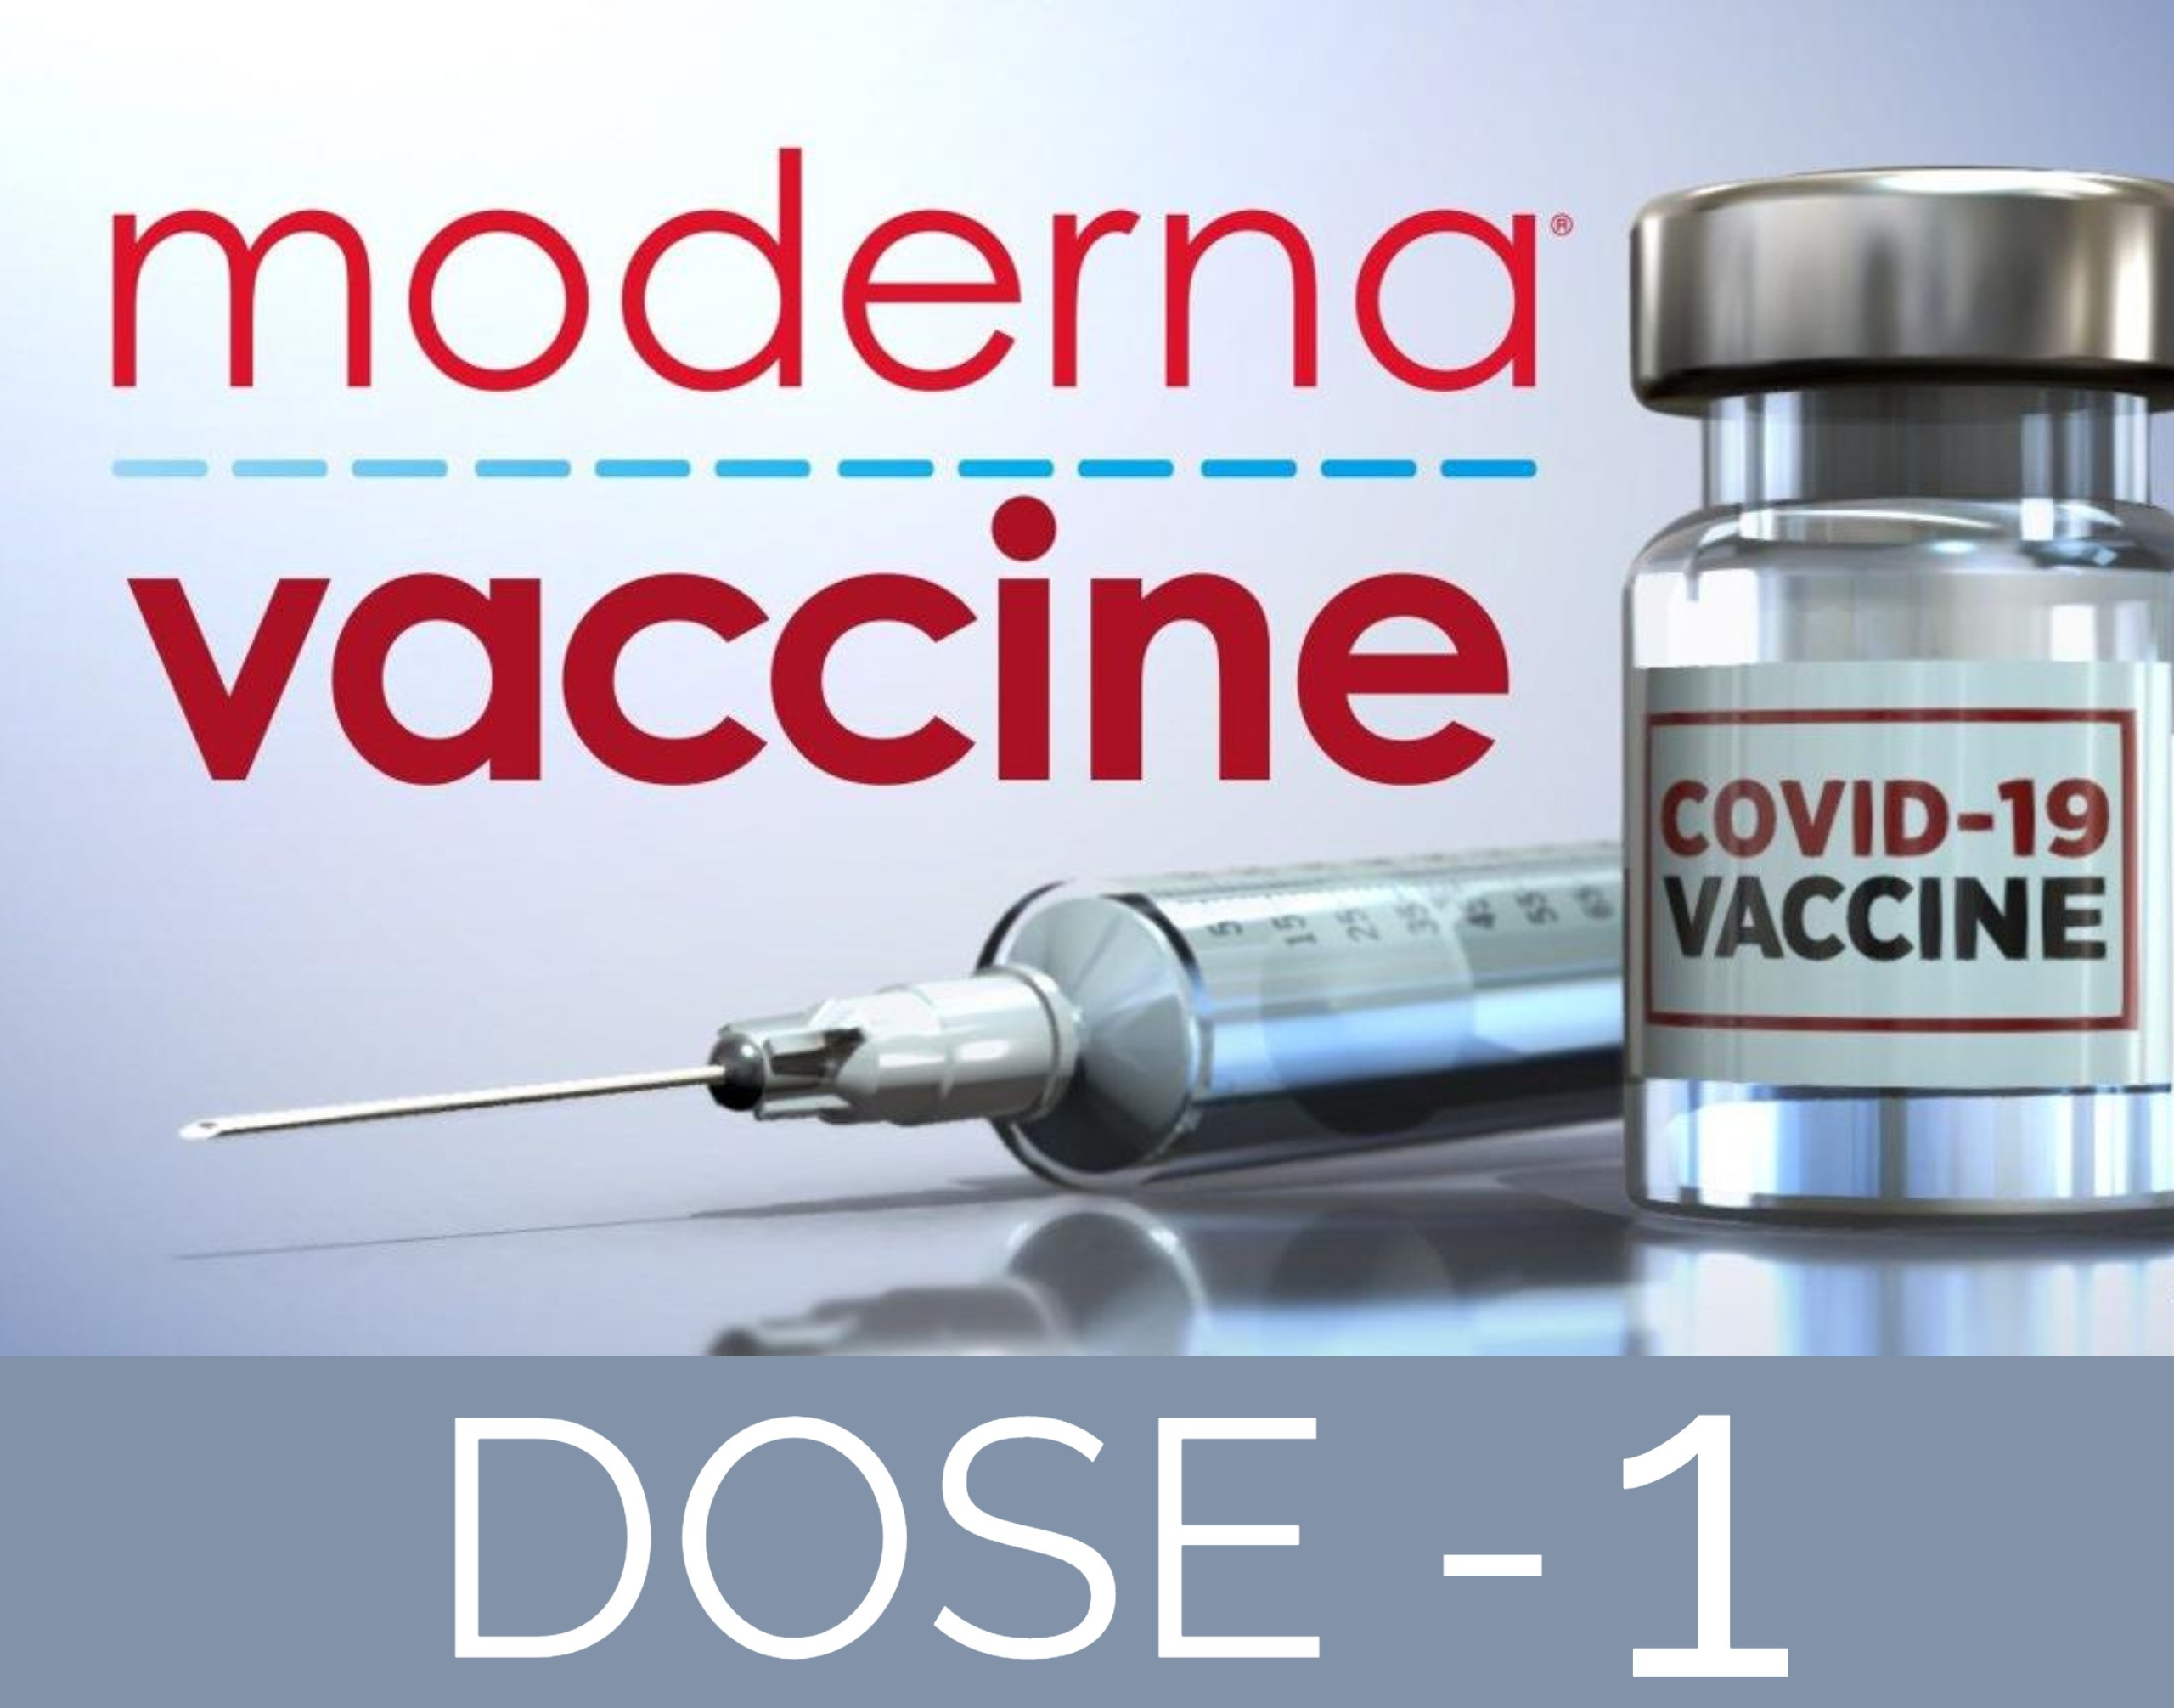 Dose 1 - Moderna COVID-19 Vaccine